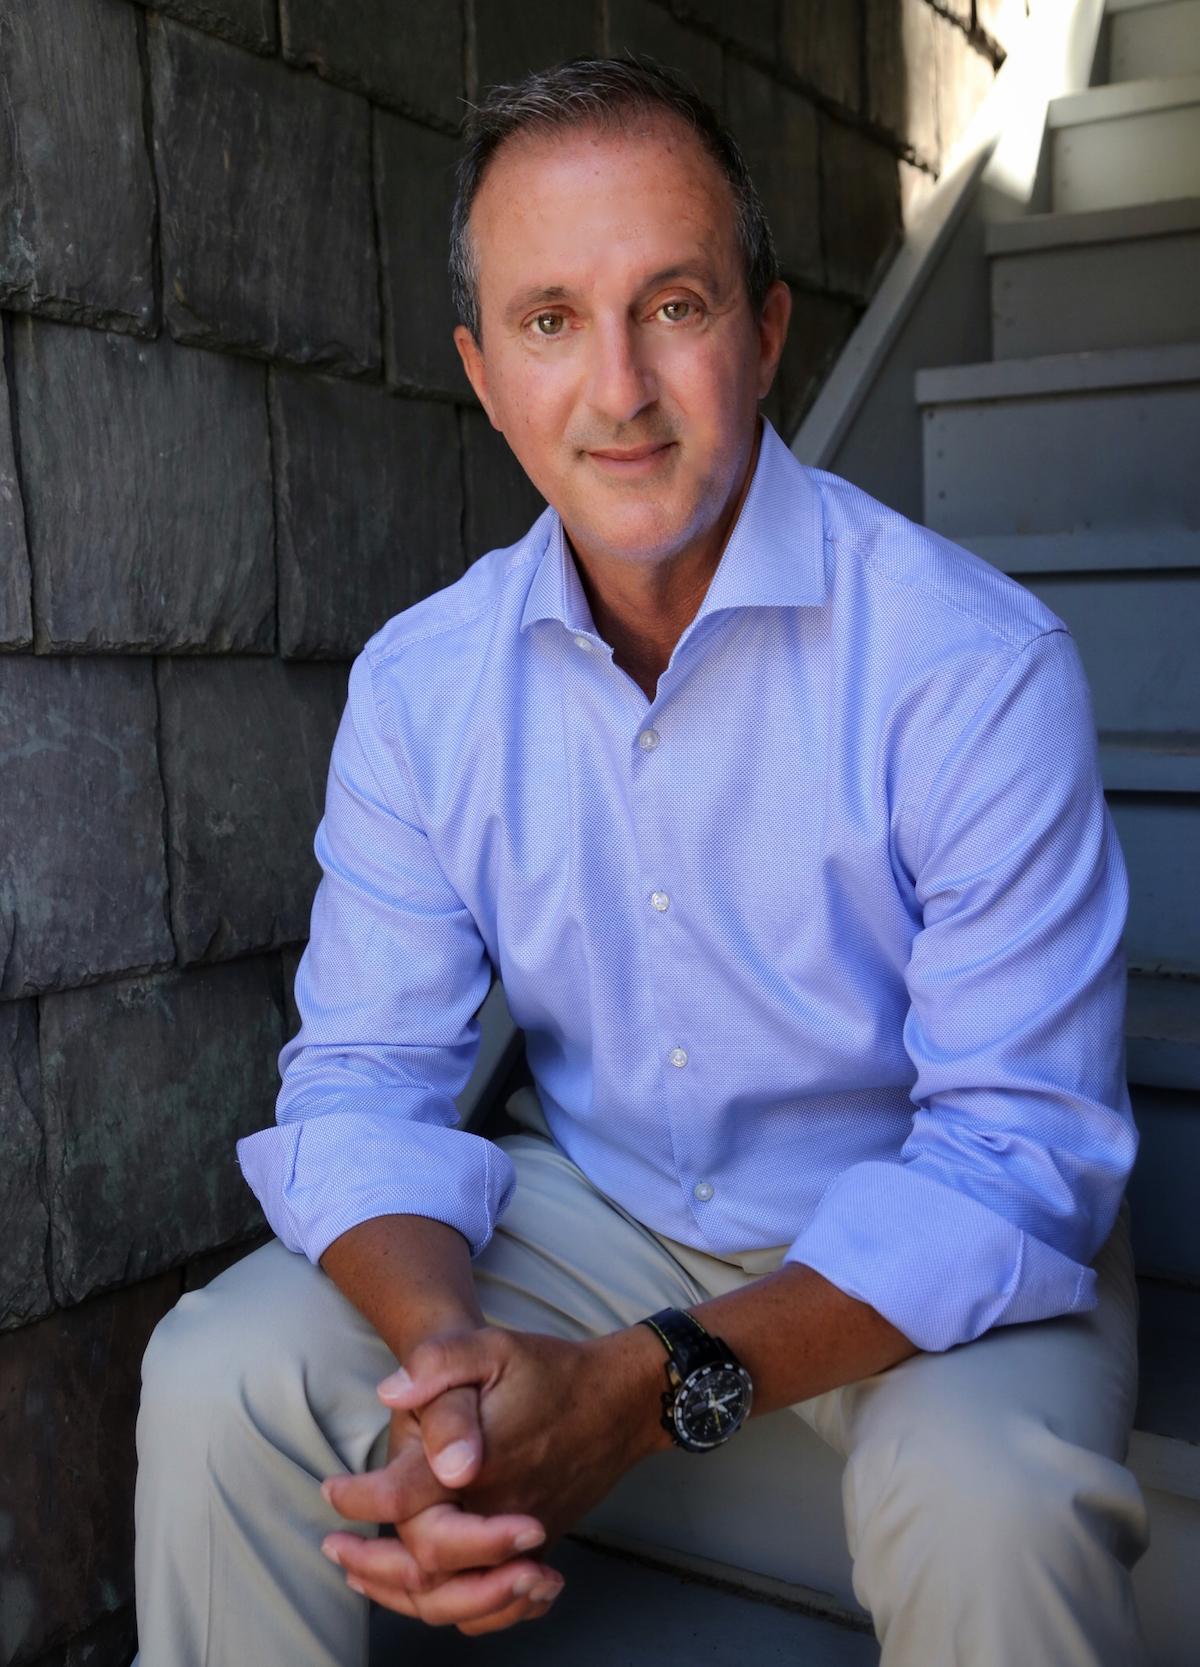 Scott Kupperman